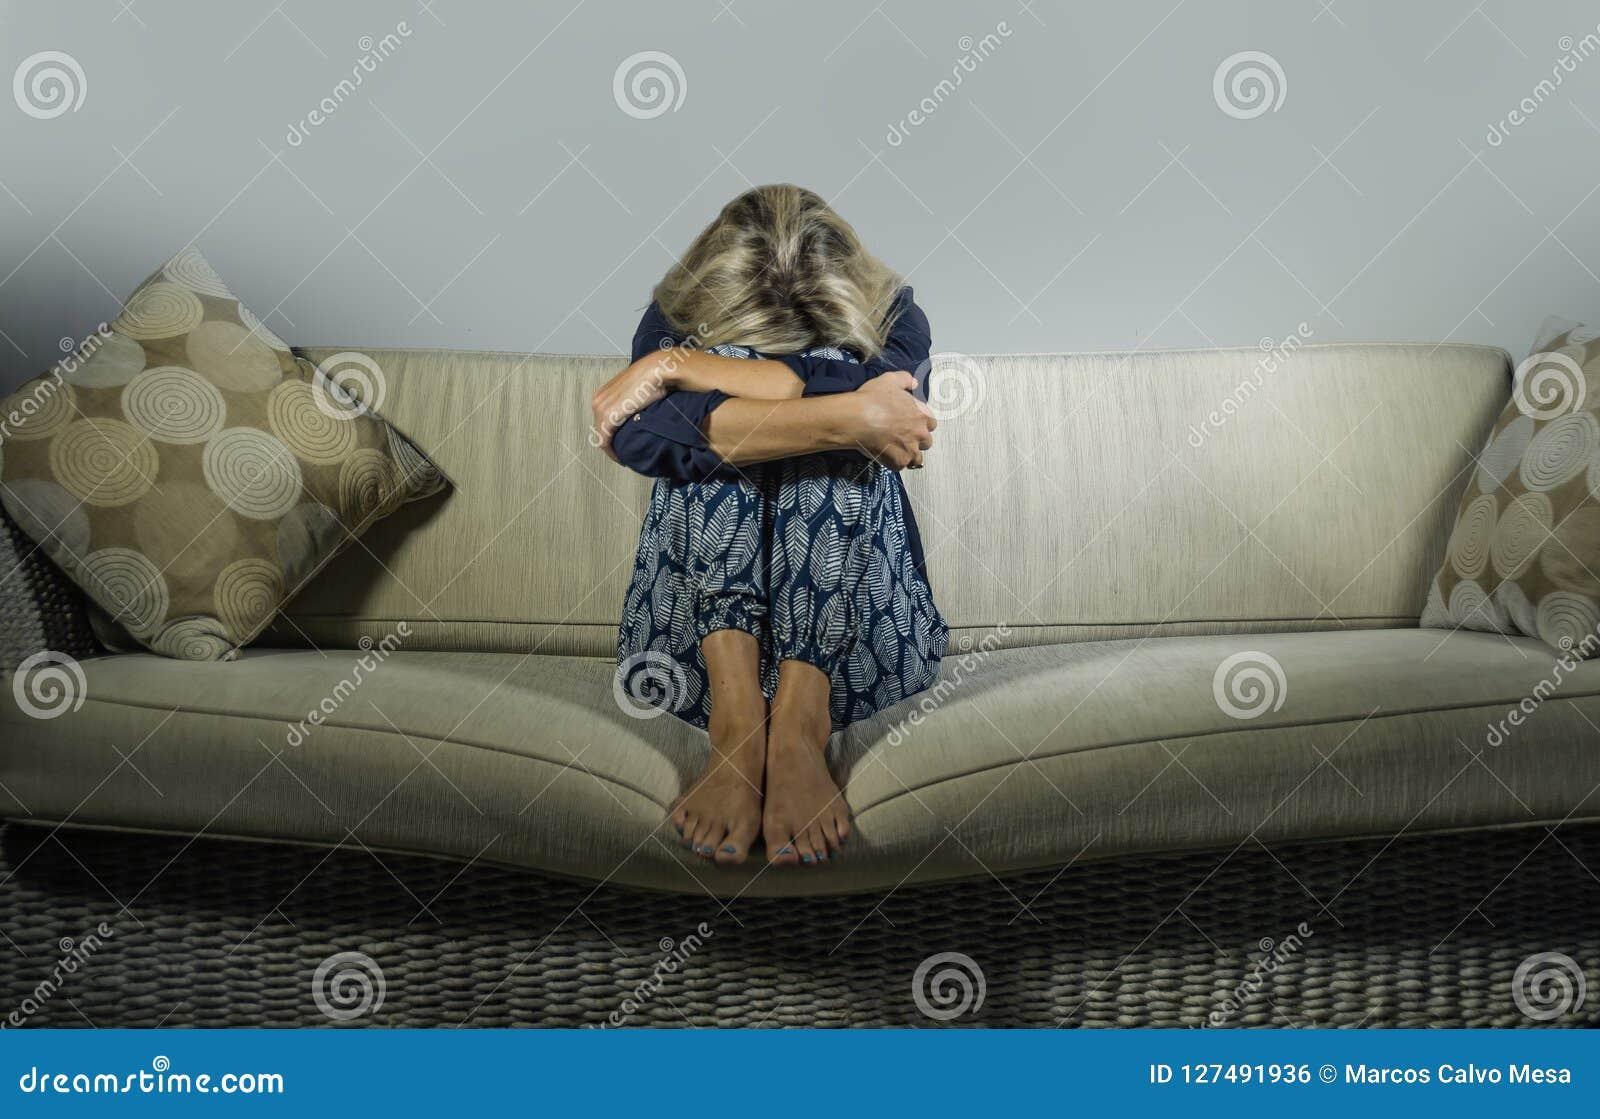 Καταθλιπτική και ανήσυχη όμορφη ξανθή γυναίκα που υφίσταται το συναίσθημα κρίσης κατάθλιψης και ανησυχίας που ματαιώνεται και που